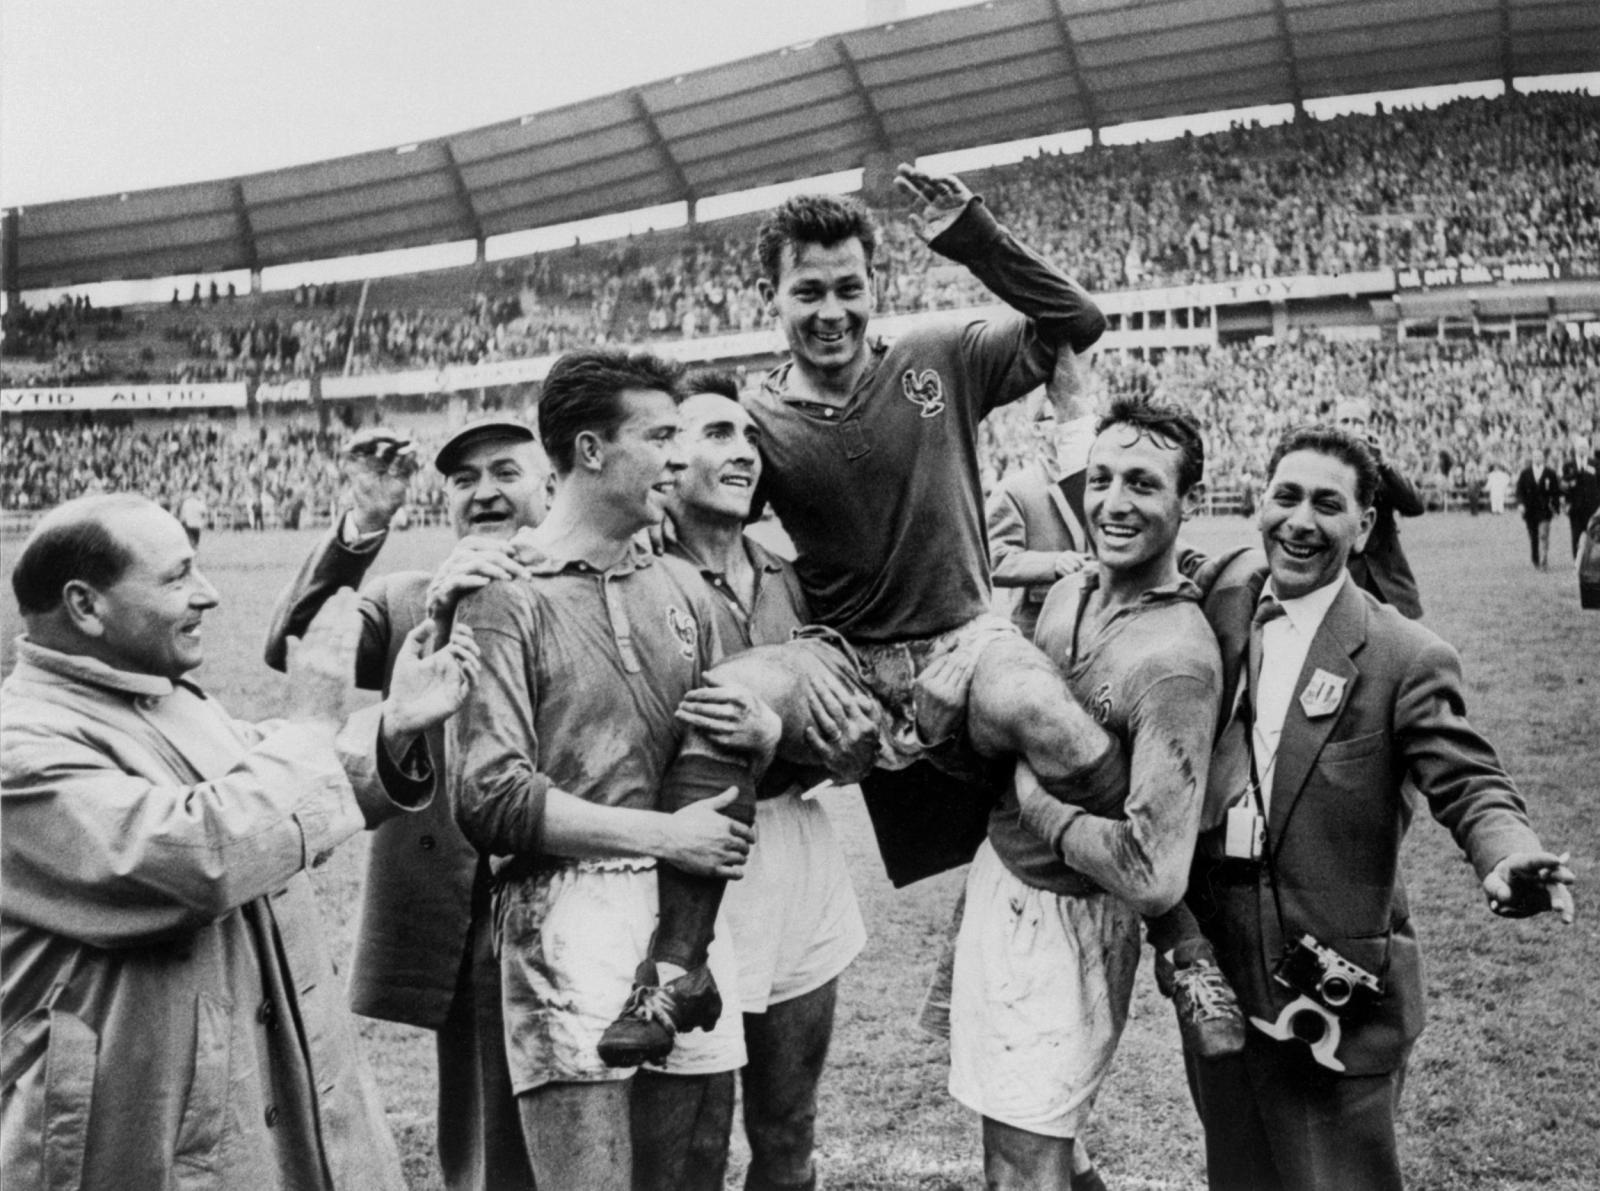 10 อันดับดาวซัลโวฟุตบอลโลกสูงสุดตลอดกาล